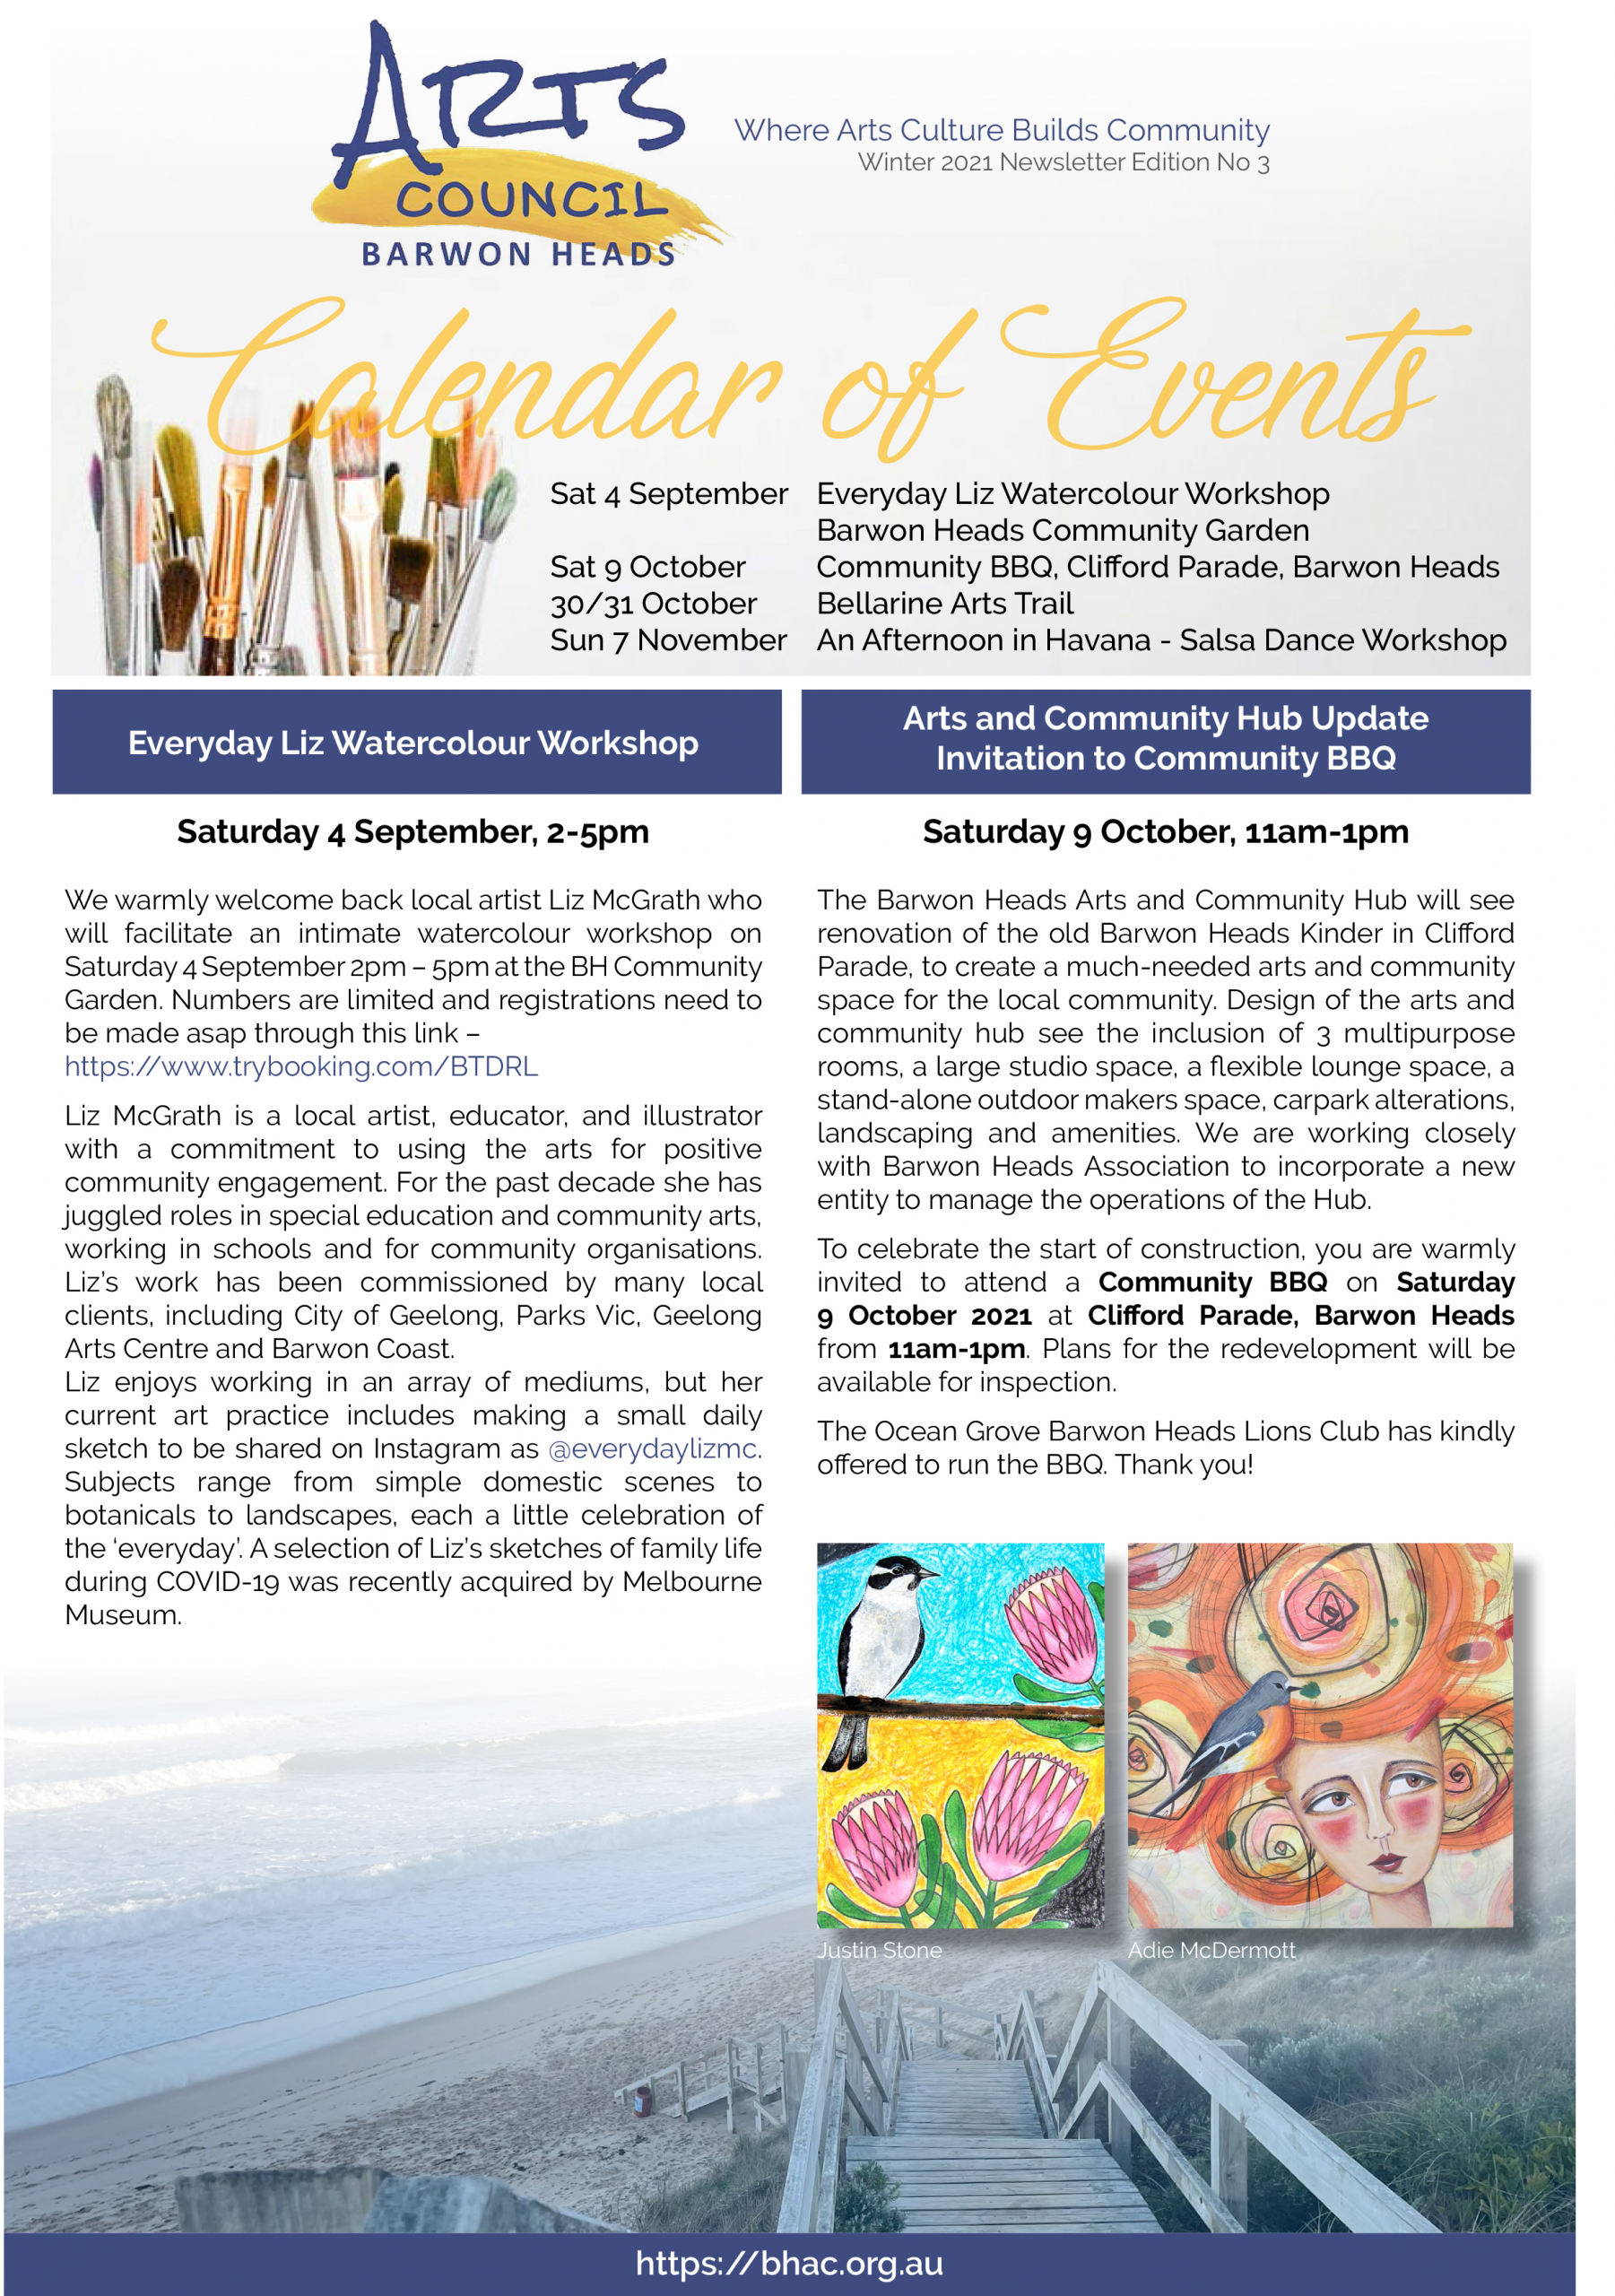 BHAC Newsletter #3